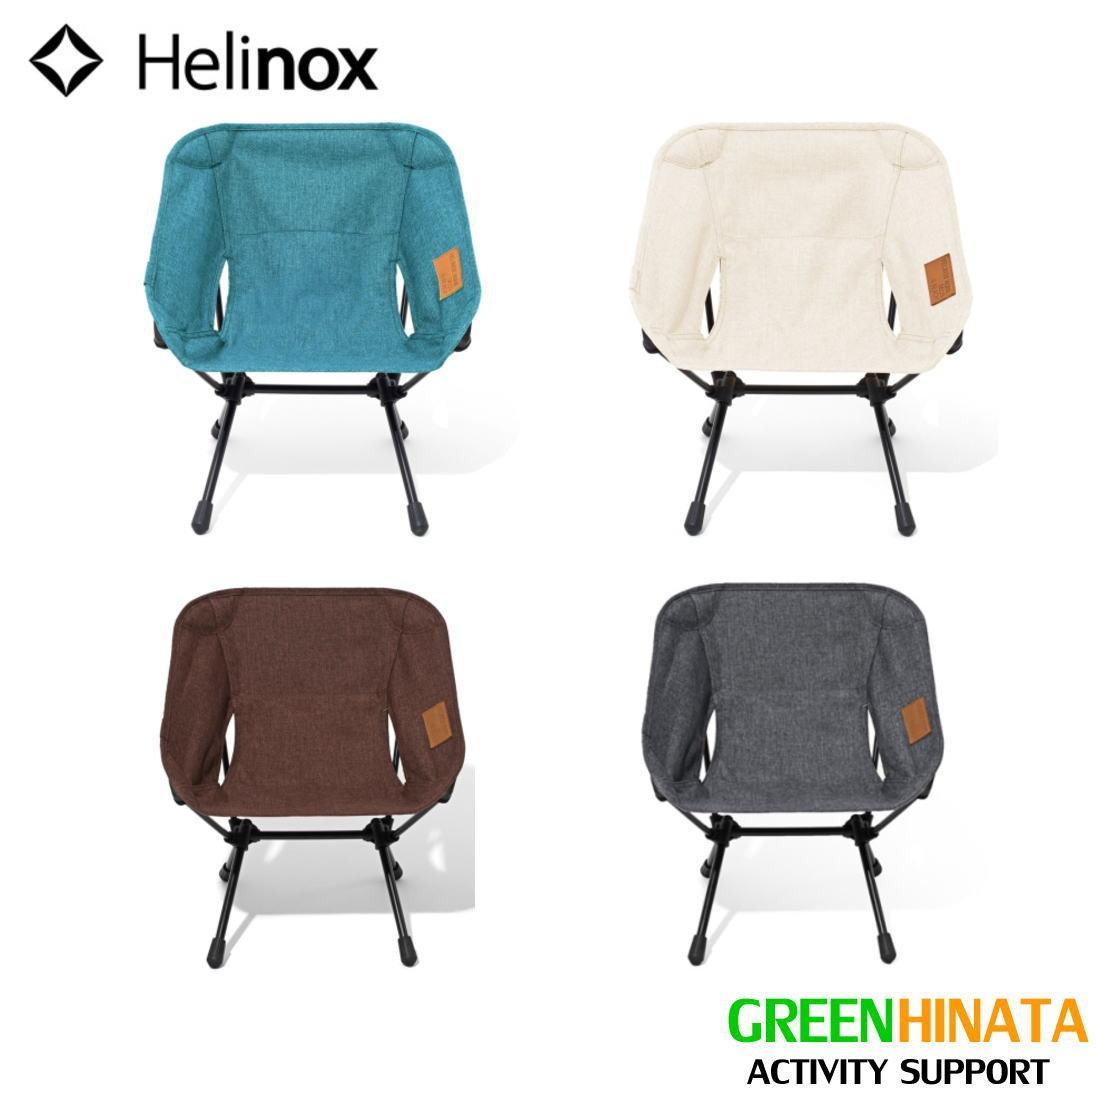 【国内正規品】 ヘリノックス チェアホーム ミニ 折りたたみ椅子 HELINOX CHAIR ONE HOME MINI チェアー